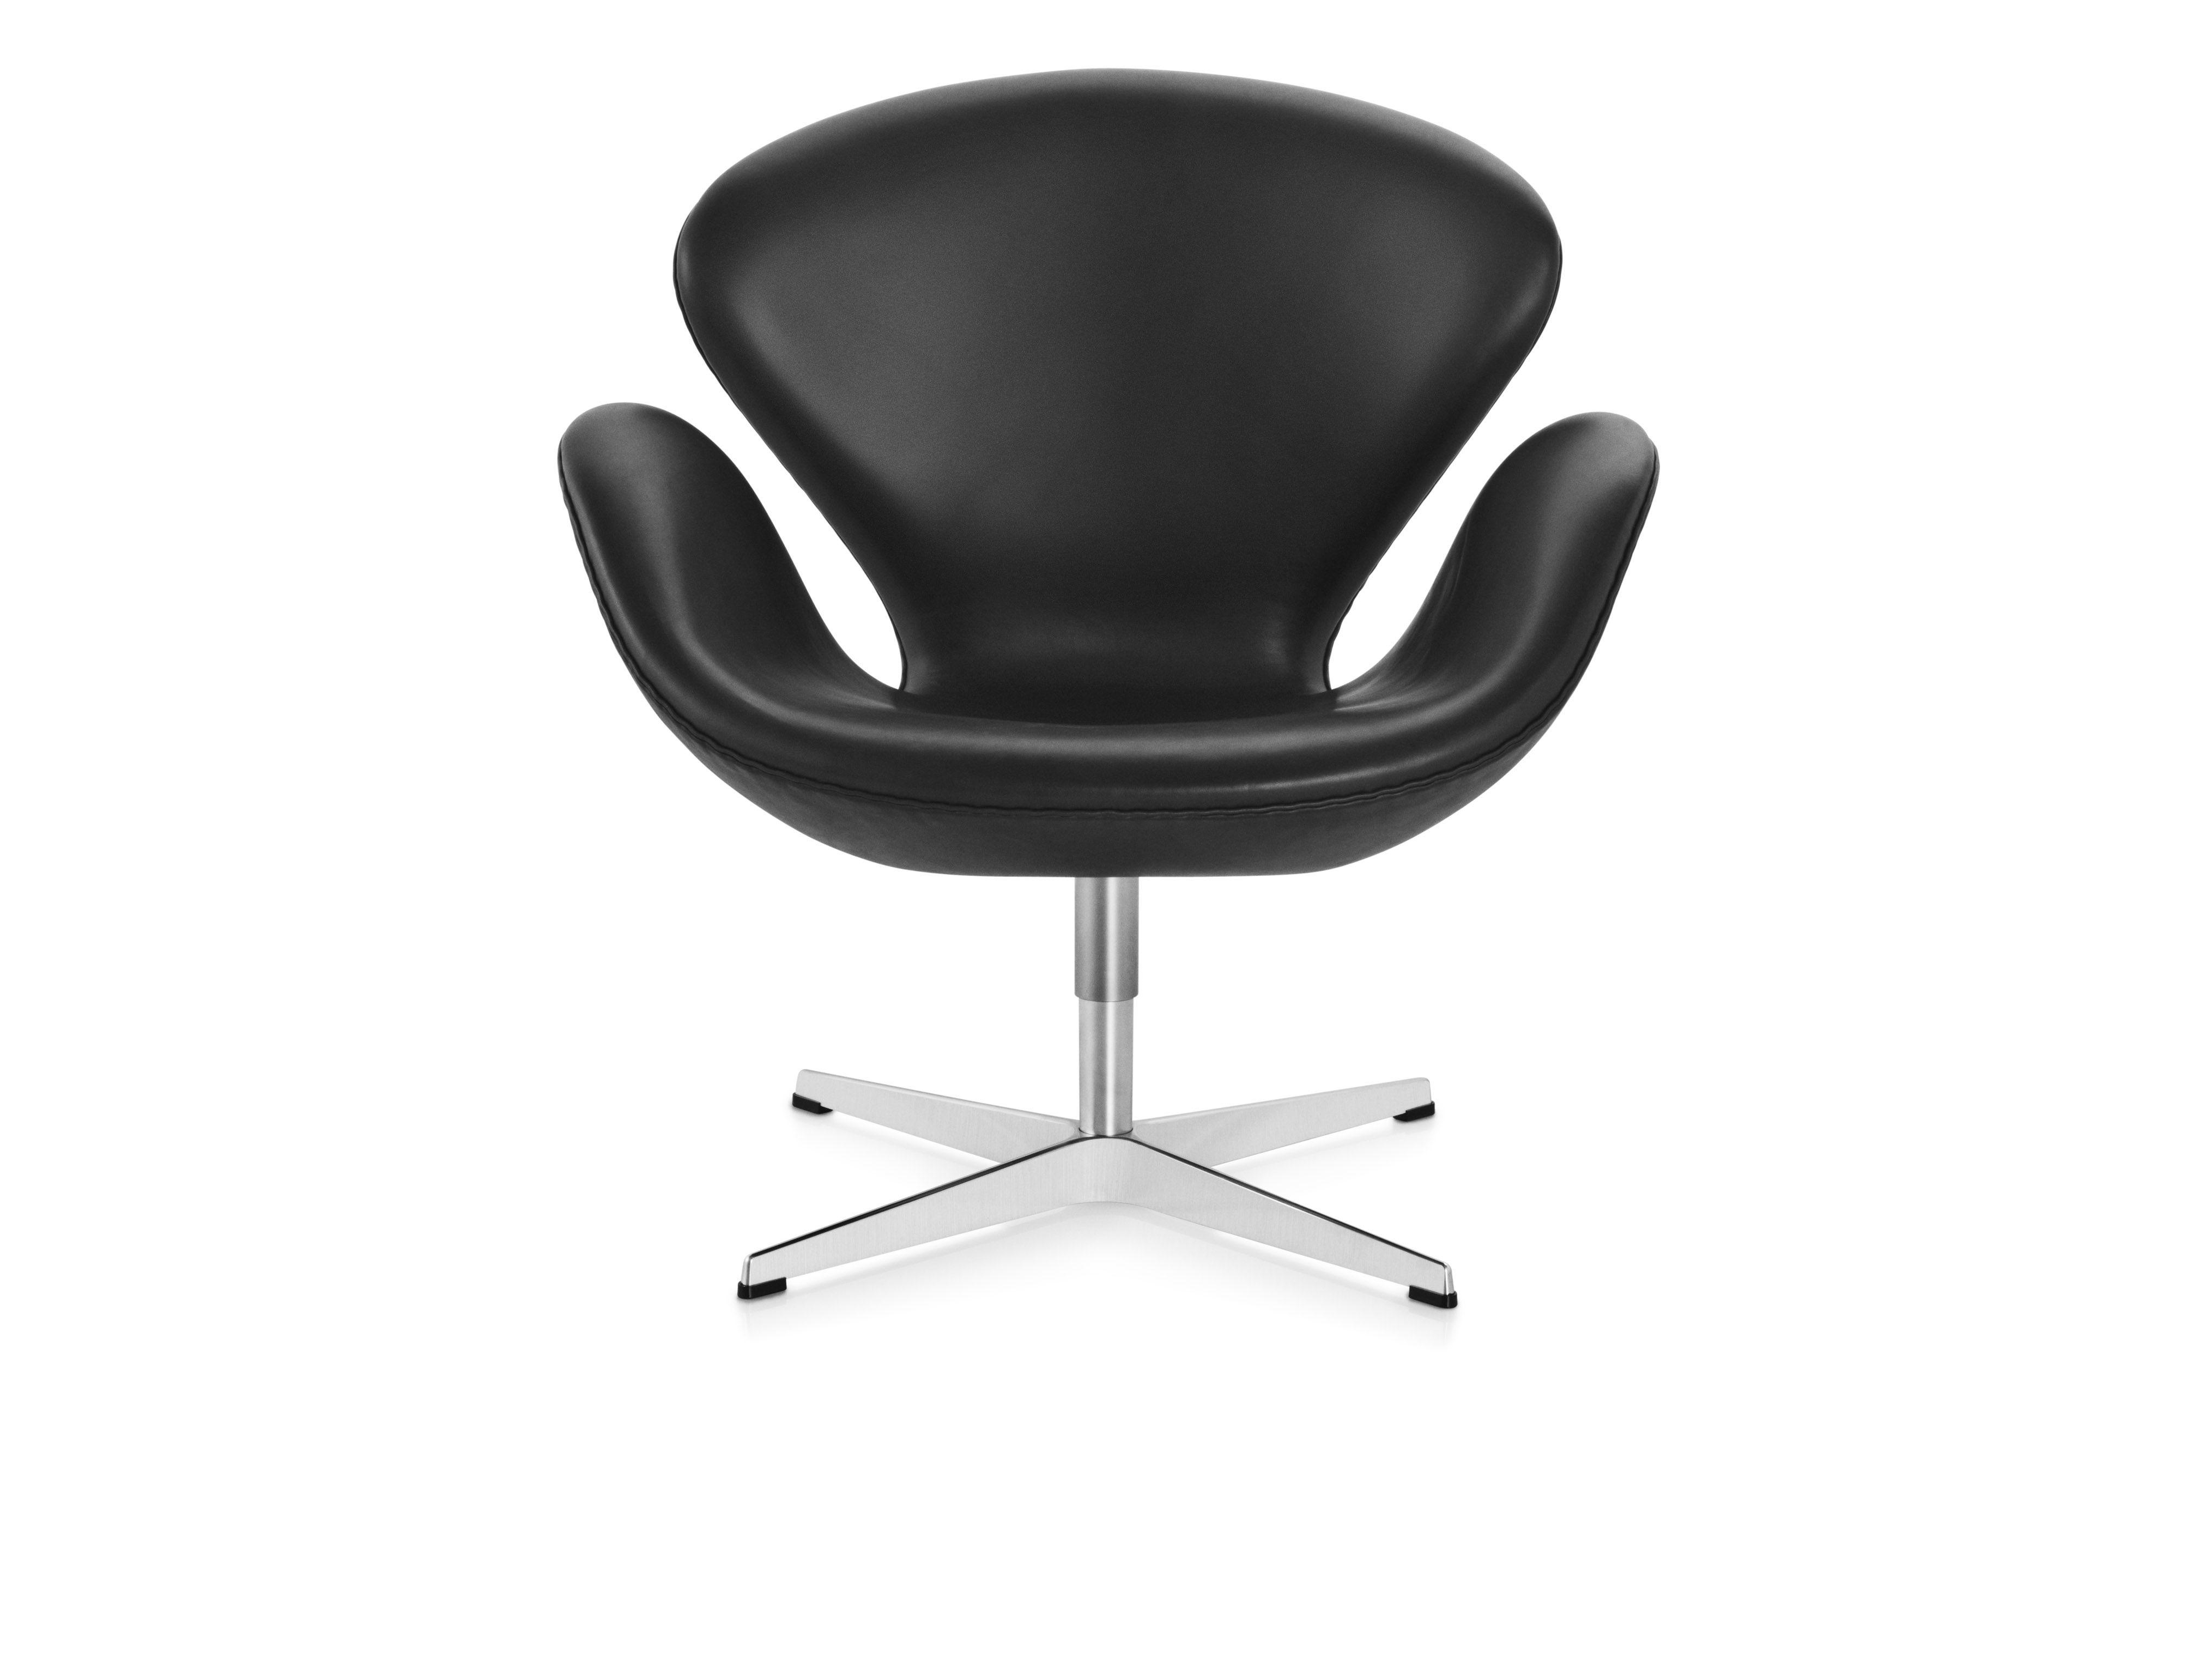 Sedie Jacobsen ~ Swan™ chair designed by arne jacobsen in 1958 swan™ by arne